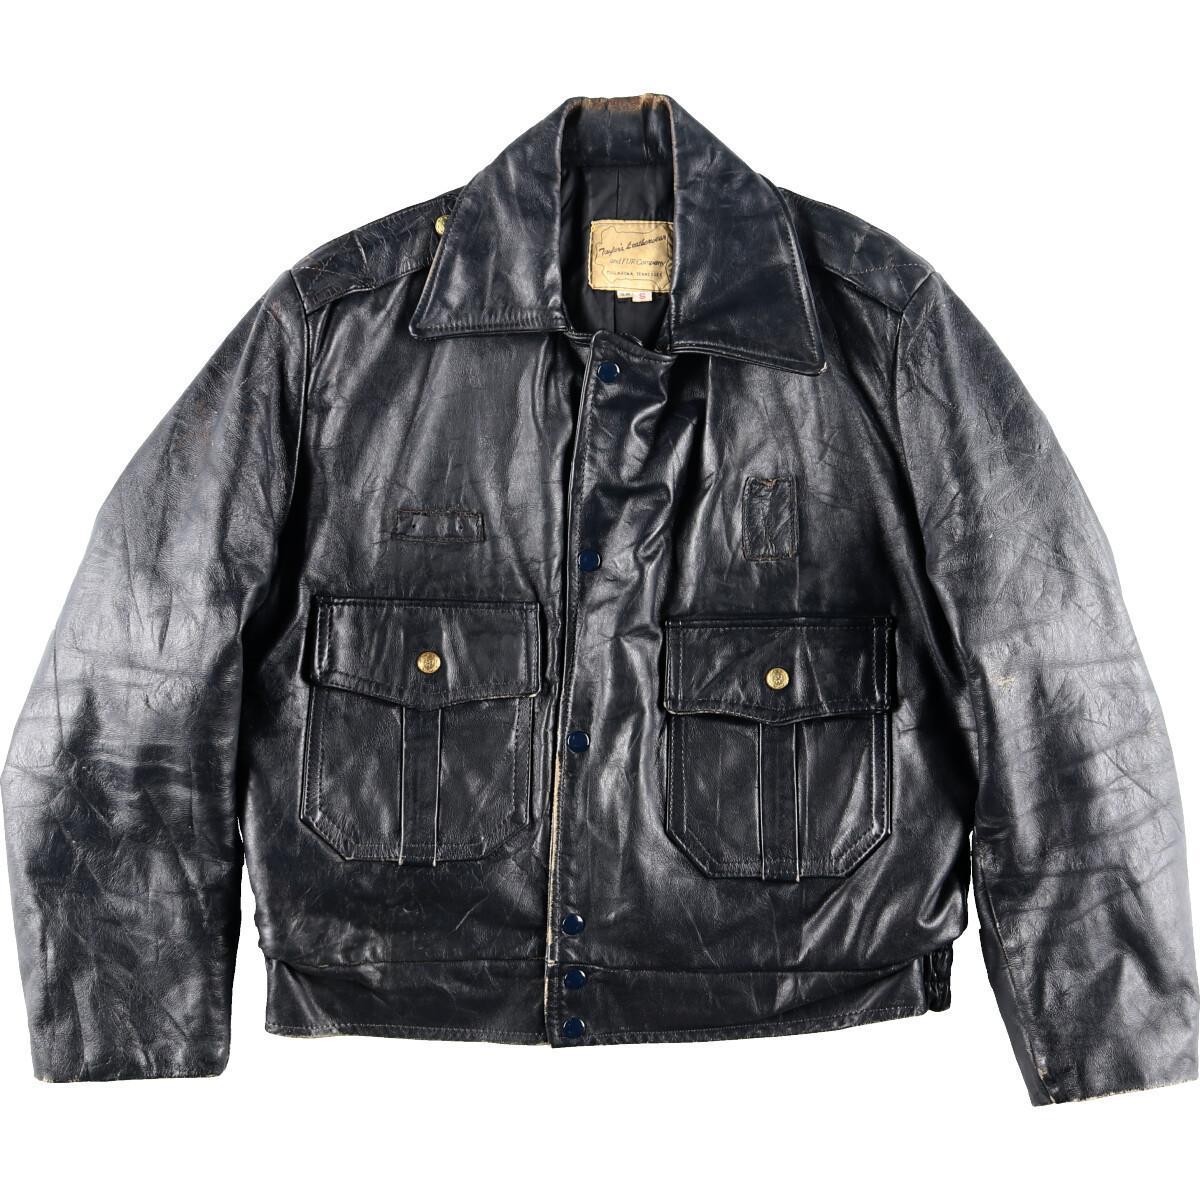 70年代 Taylor's Leatherwear ポリスマンレザージャケット 38 S メンズM ヴィンテージ /eaa008084 【中古】 【200222】